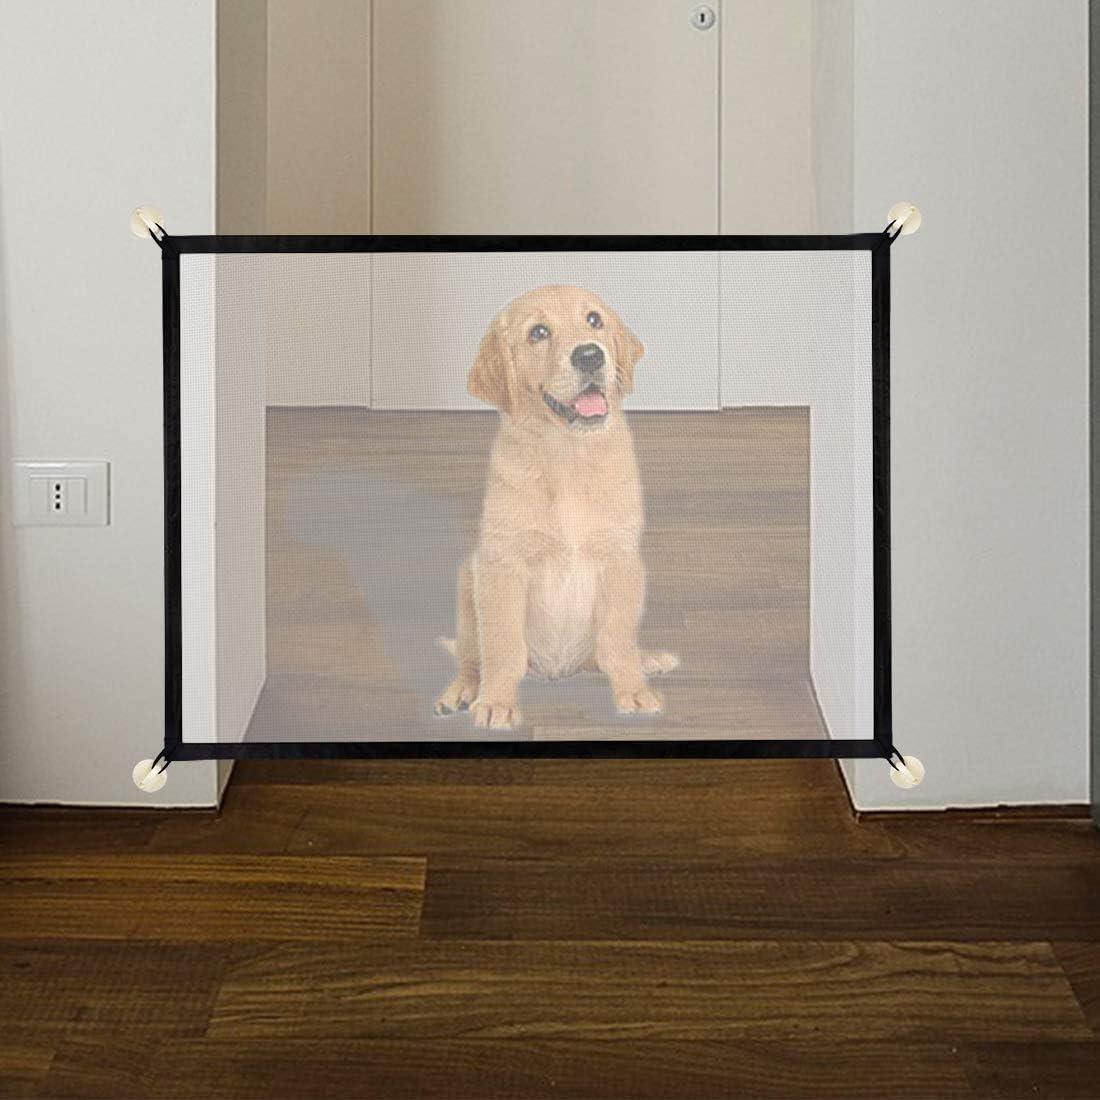 Puerta mágica para perros, Barrera de Seguridad Plegable portátil Protector Seguro, Puerta de Escalera para Mascotas, Mascota Aislante Red de Seguridad para Perros, Gatos, Bebés (110 x 72 cm): Amazon.es: Bebé